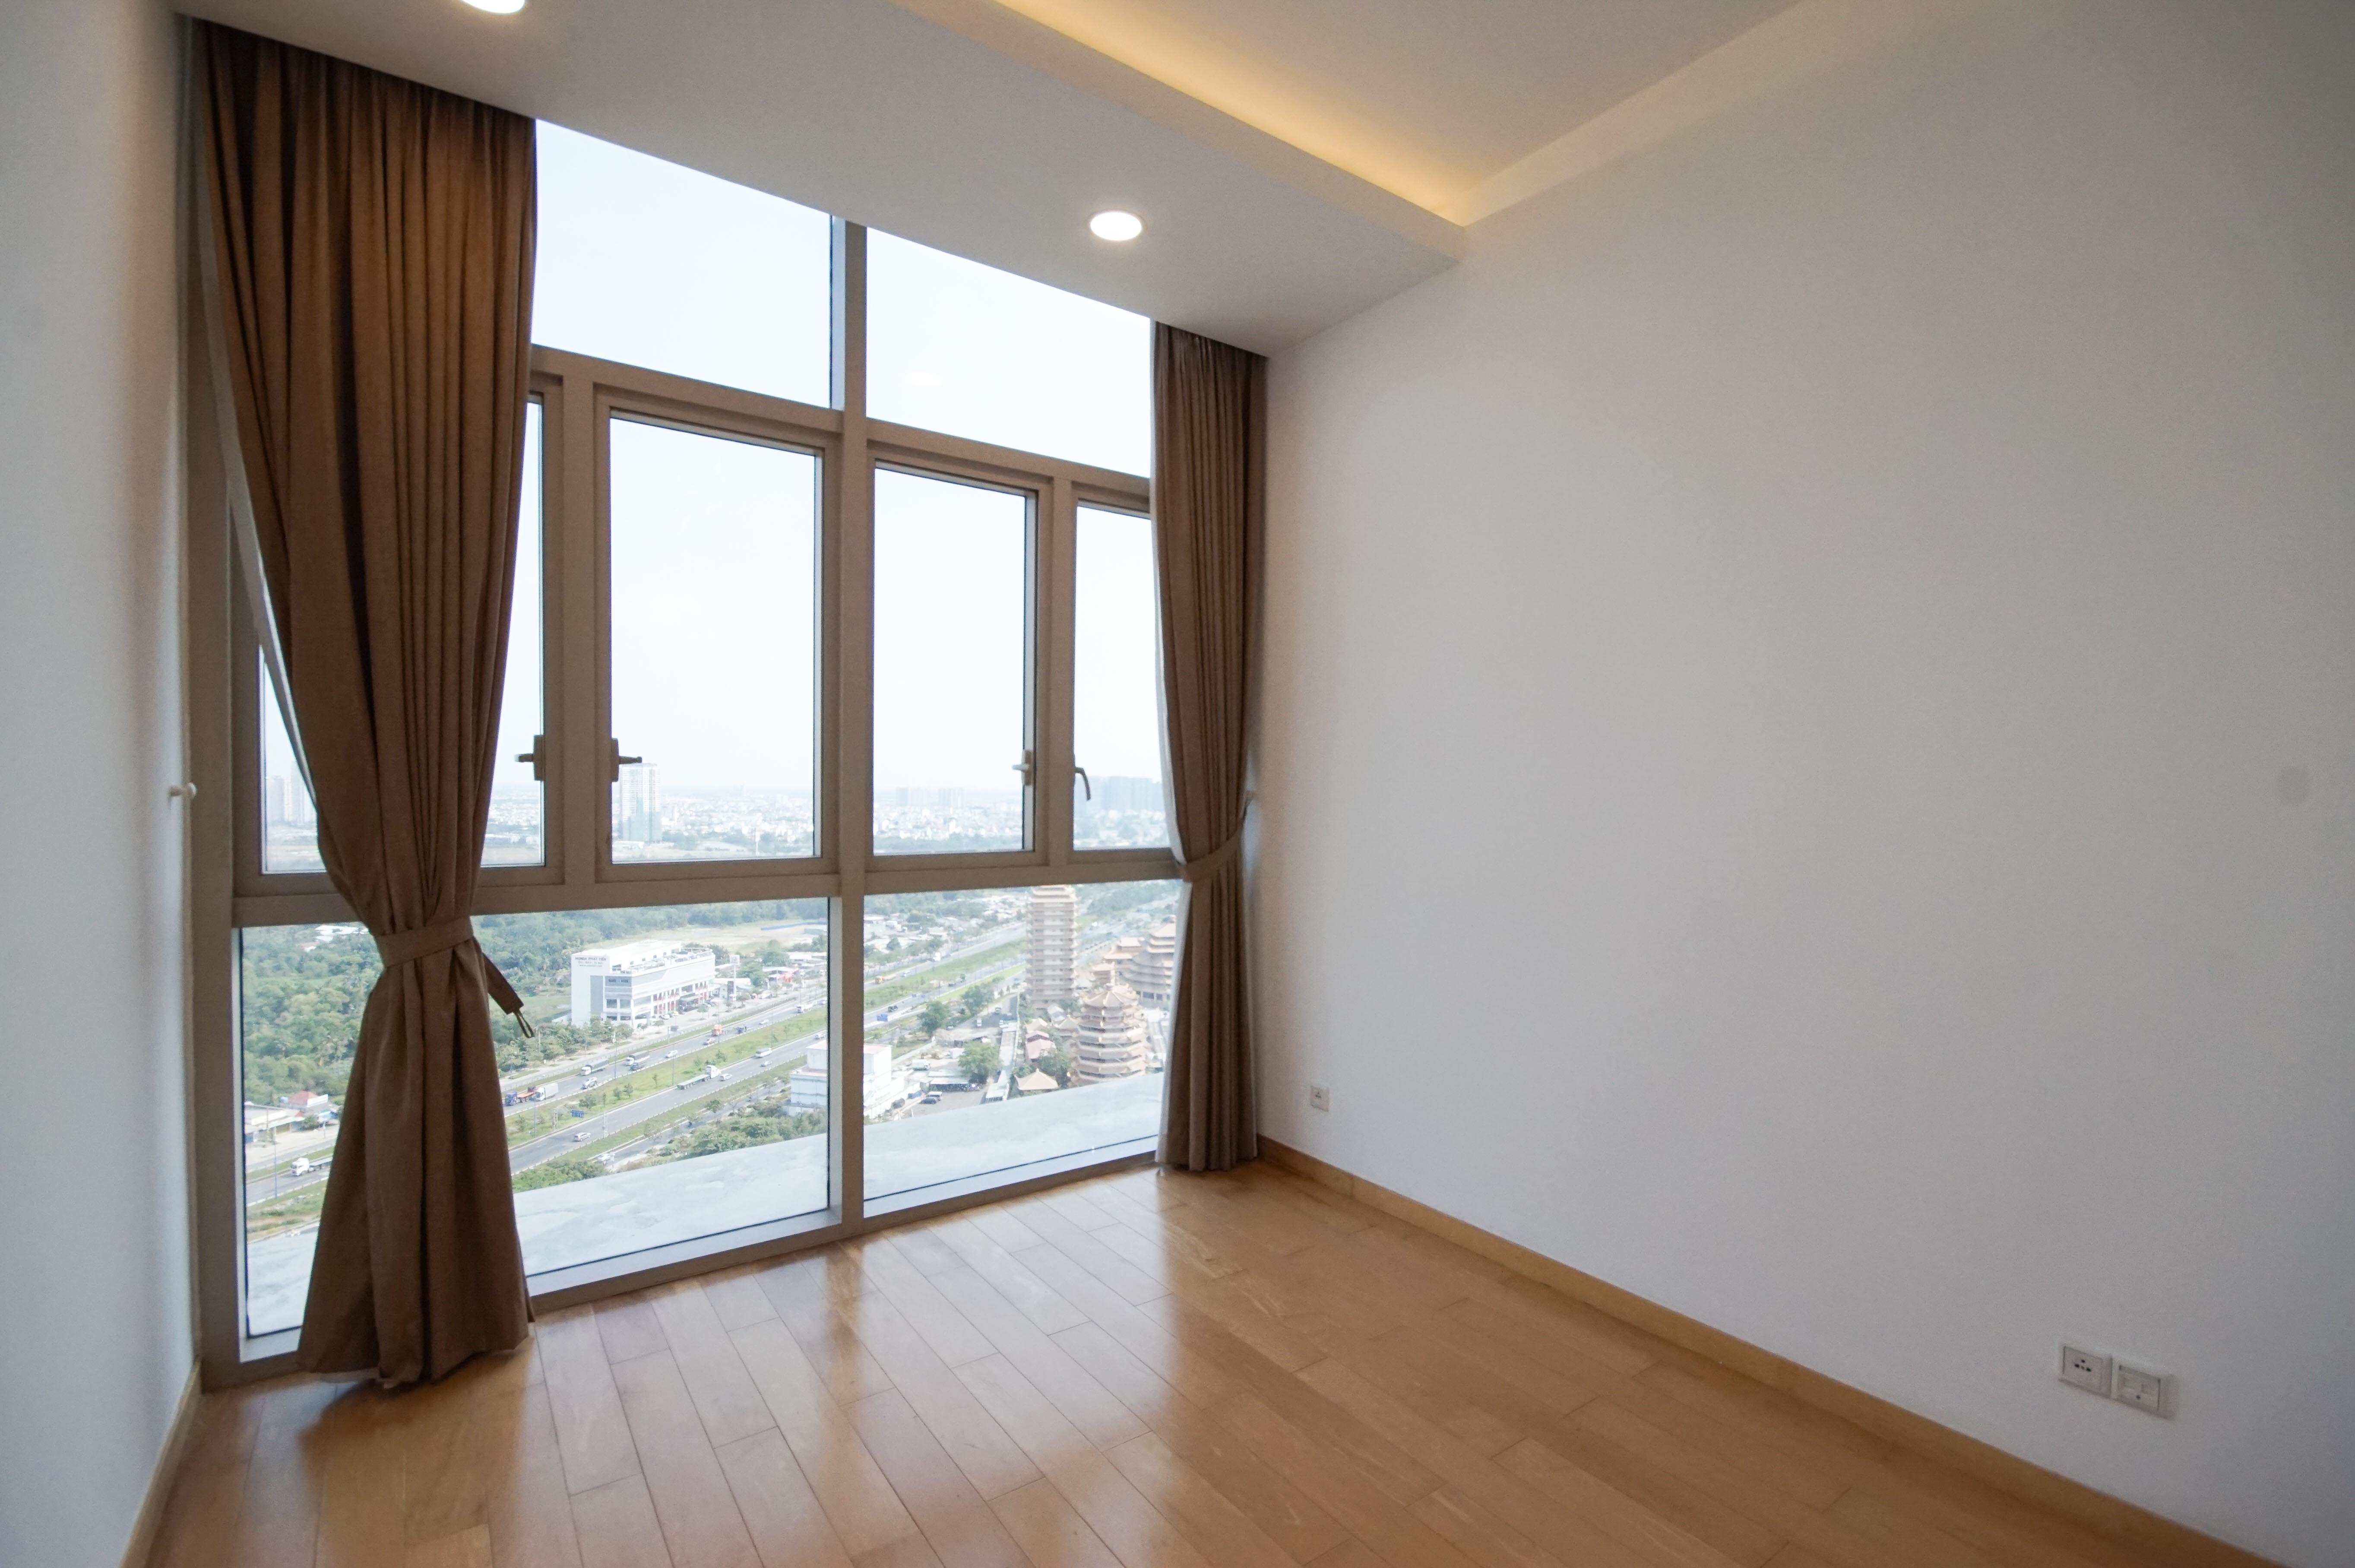 Căn hộ 4 PN The Vista - Đầy Đủ Nội Thất - Căn Penthouse Cực Đẹp Và Tràn Ngập Ánh Sáng-12